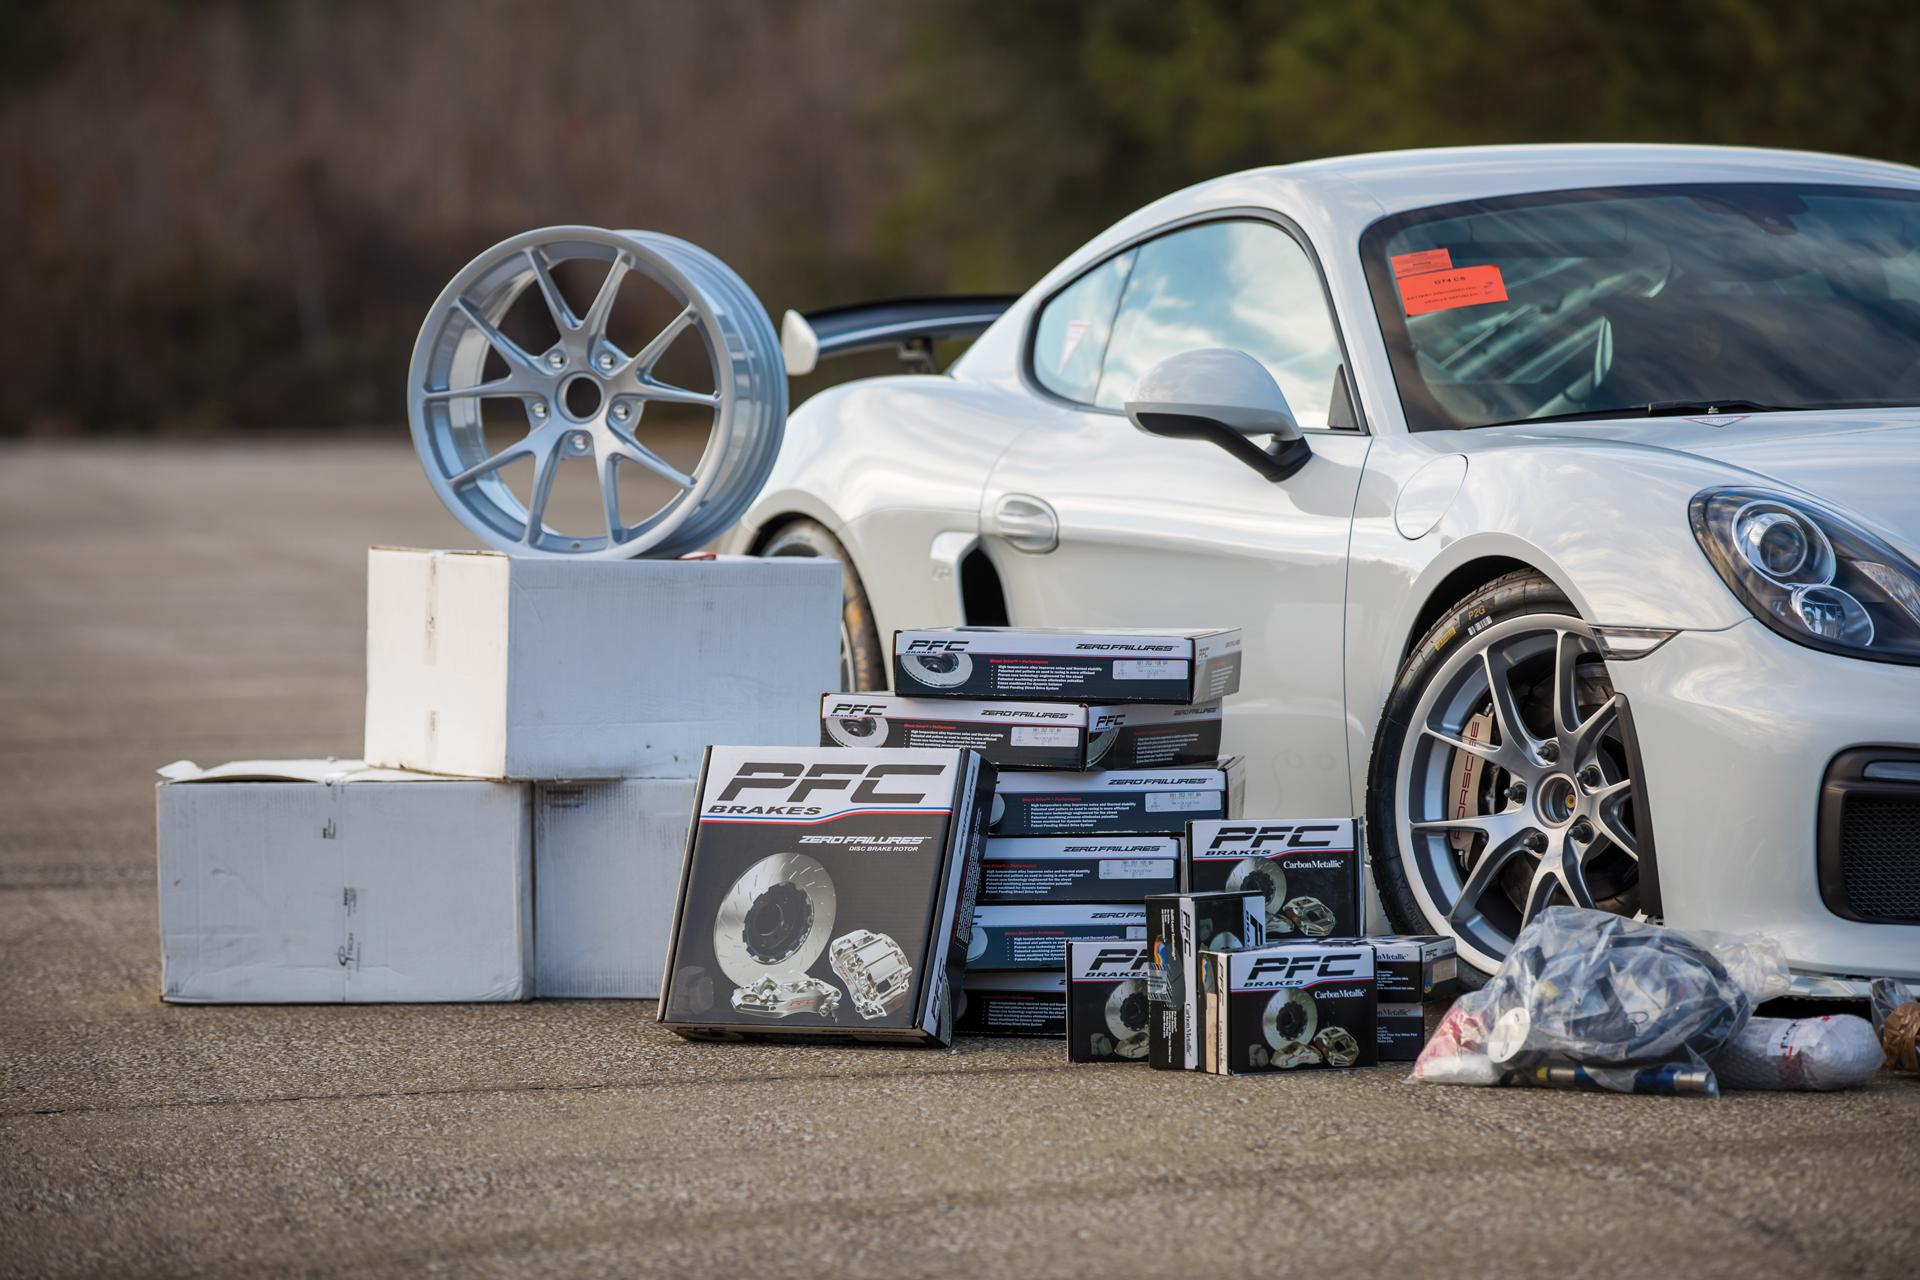 2018 RM - 2016 Porsche Cayman GT4 Clubsport 032A - Deremer Studi